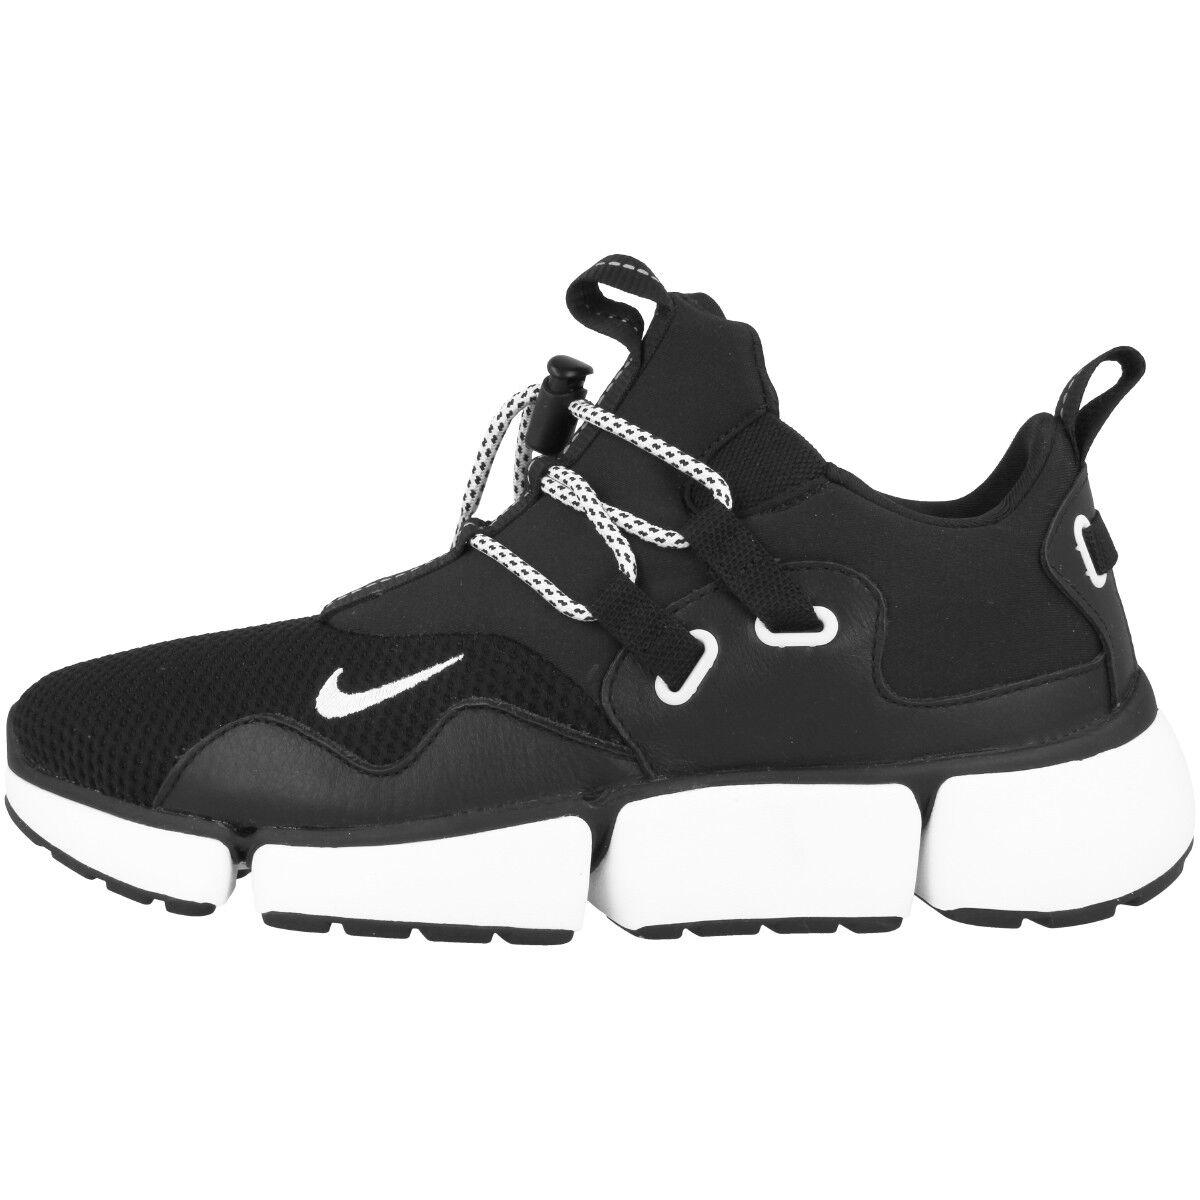 Nike BOLSILLO CUCHILLO DM Zapatos Dinámica de Movimiento Zapatillas de Dinámica correr Negro 7bb46e